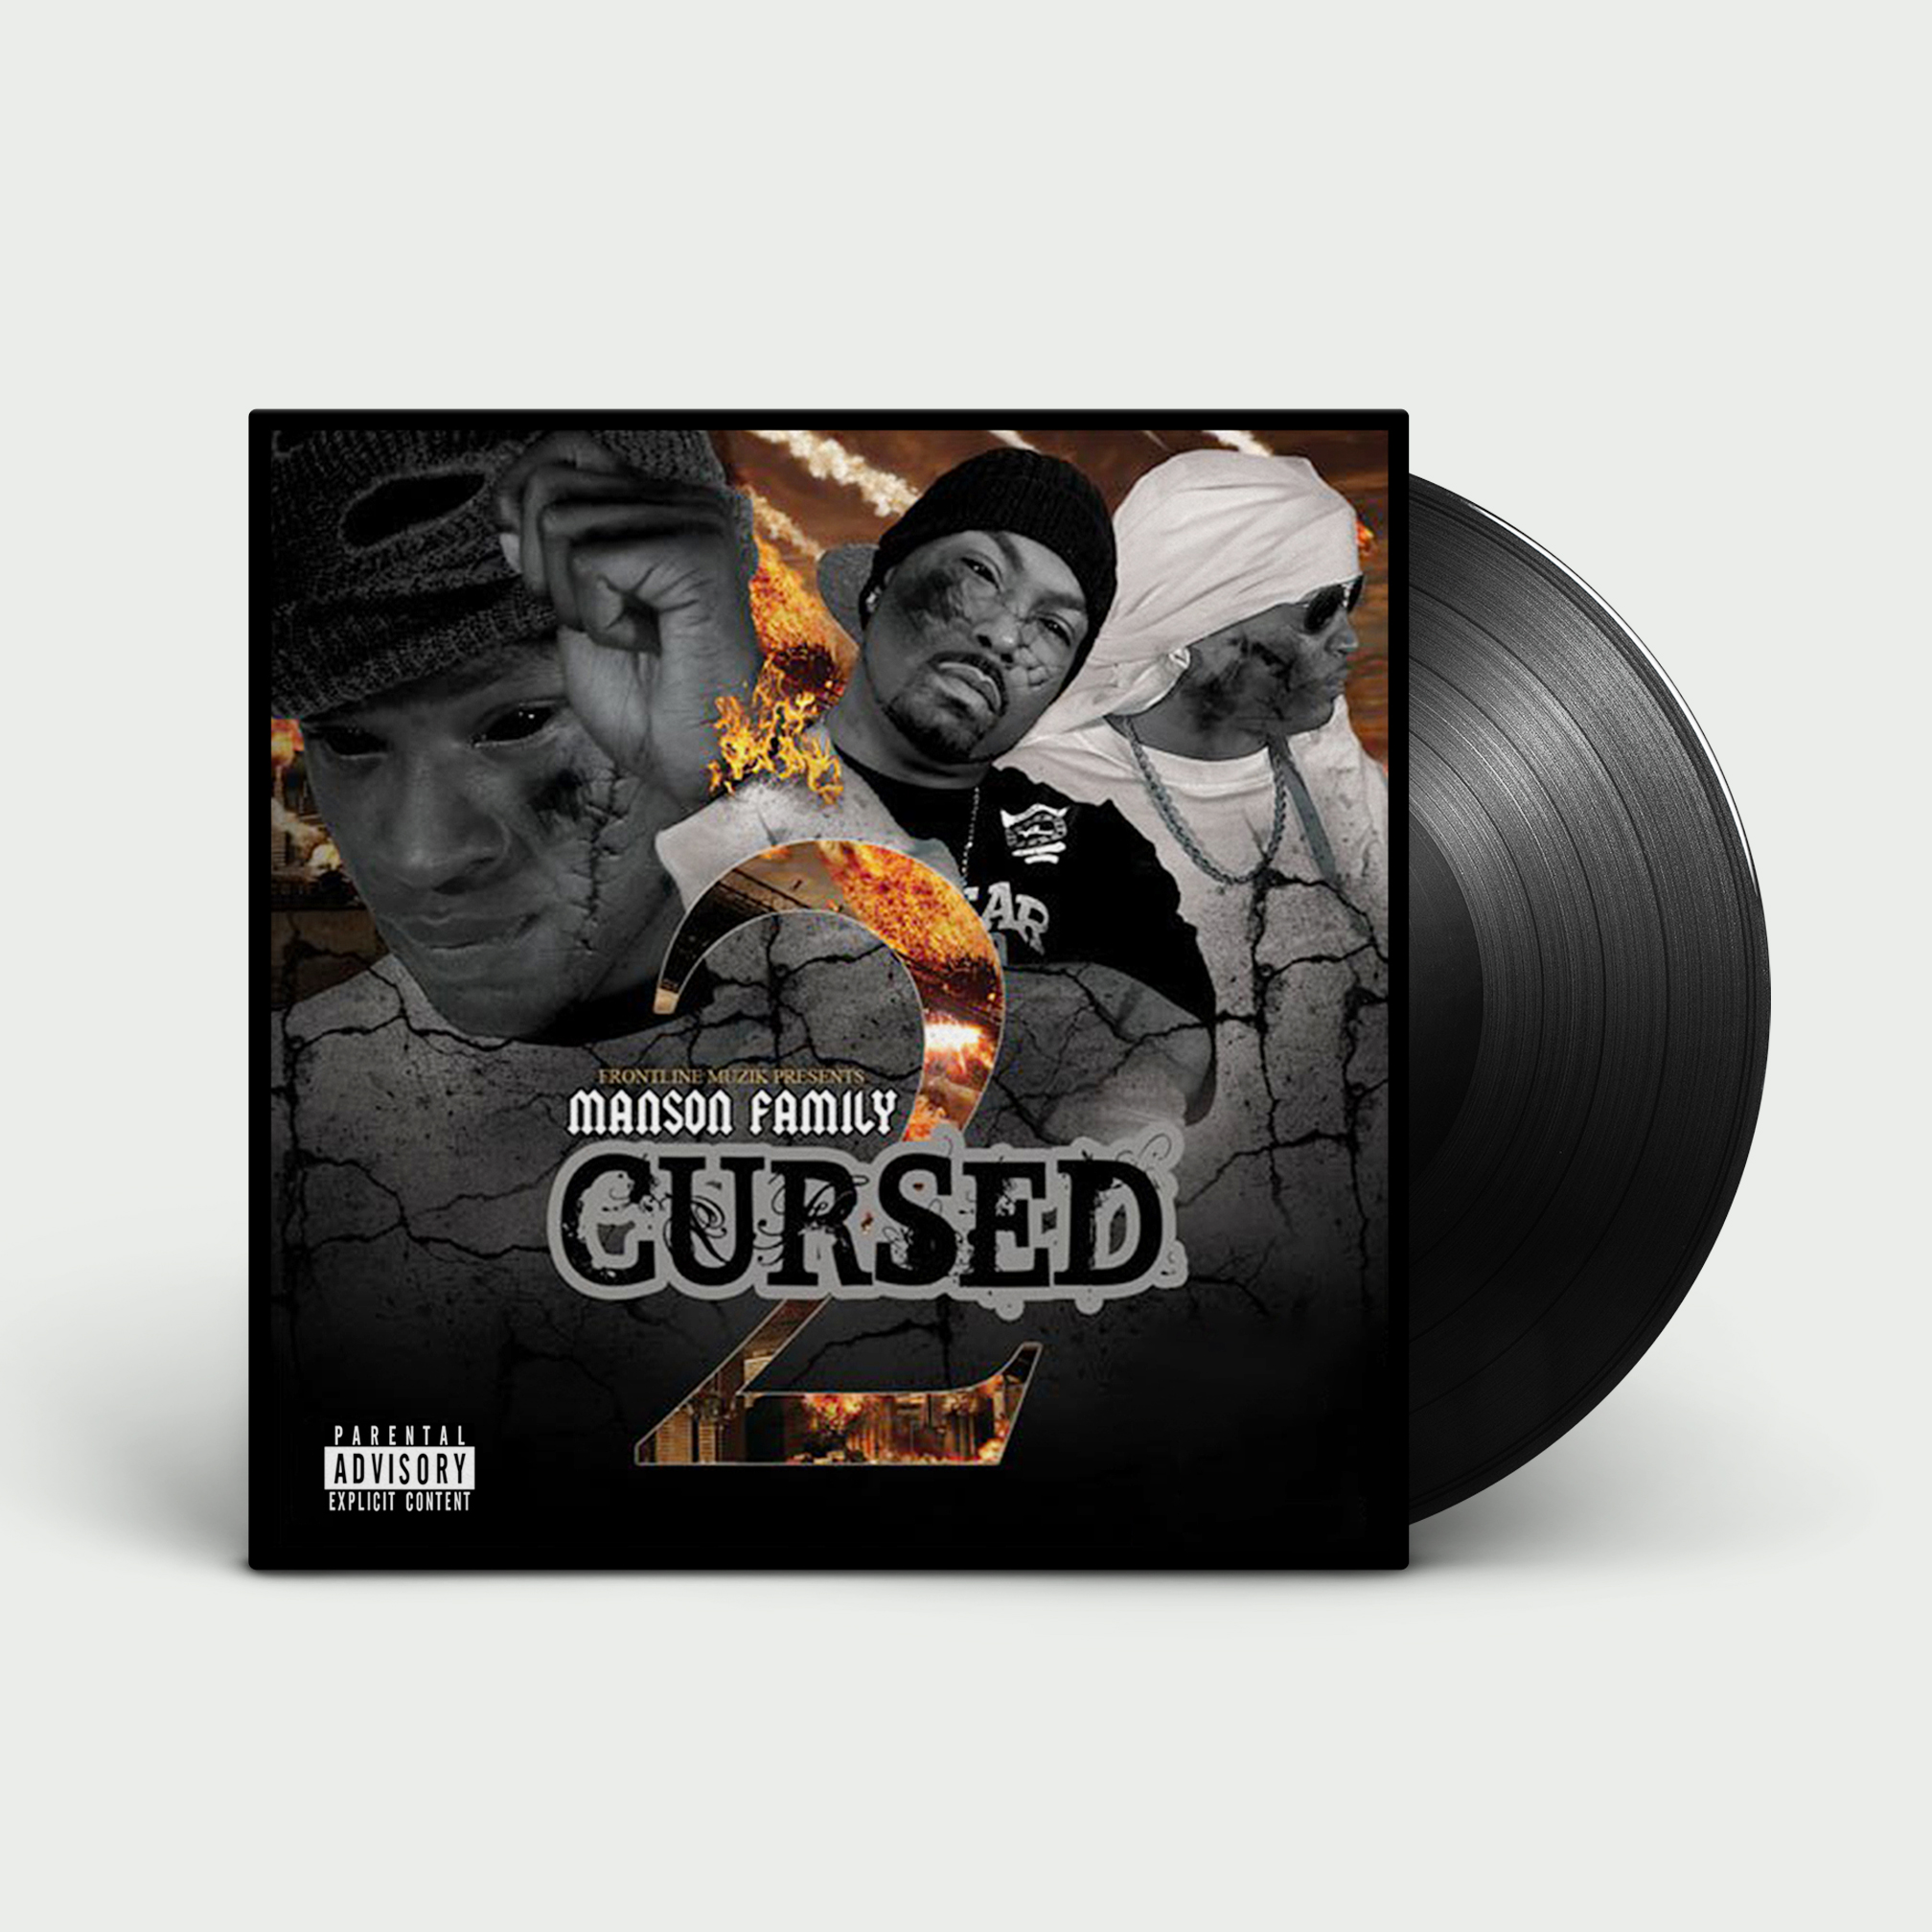 Manson Family - Cursed 2 (Vinyl)